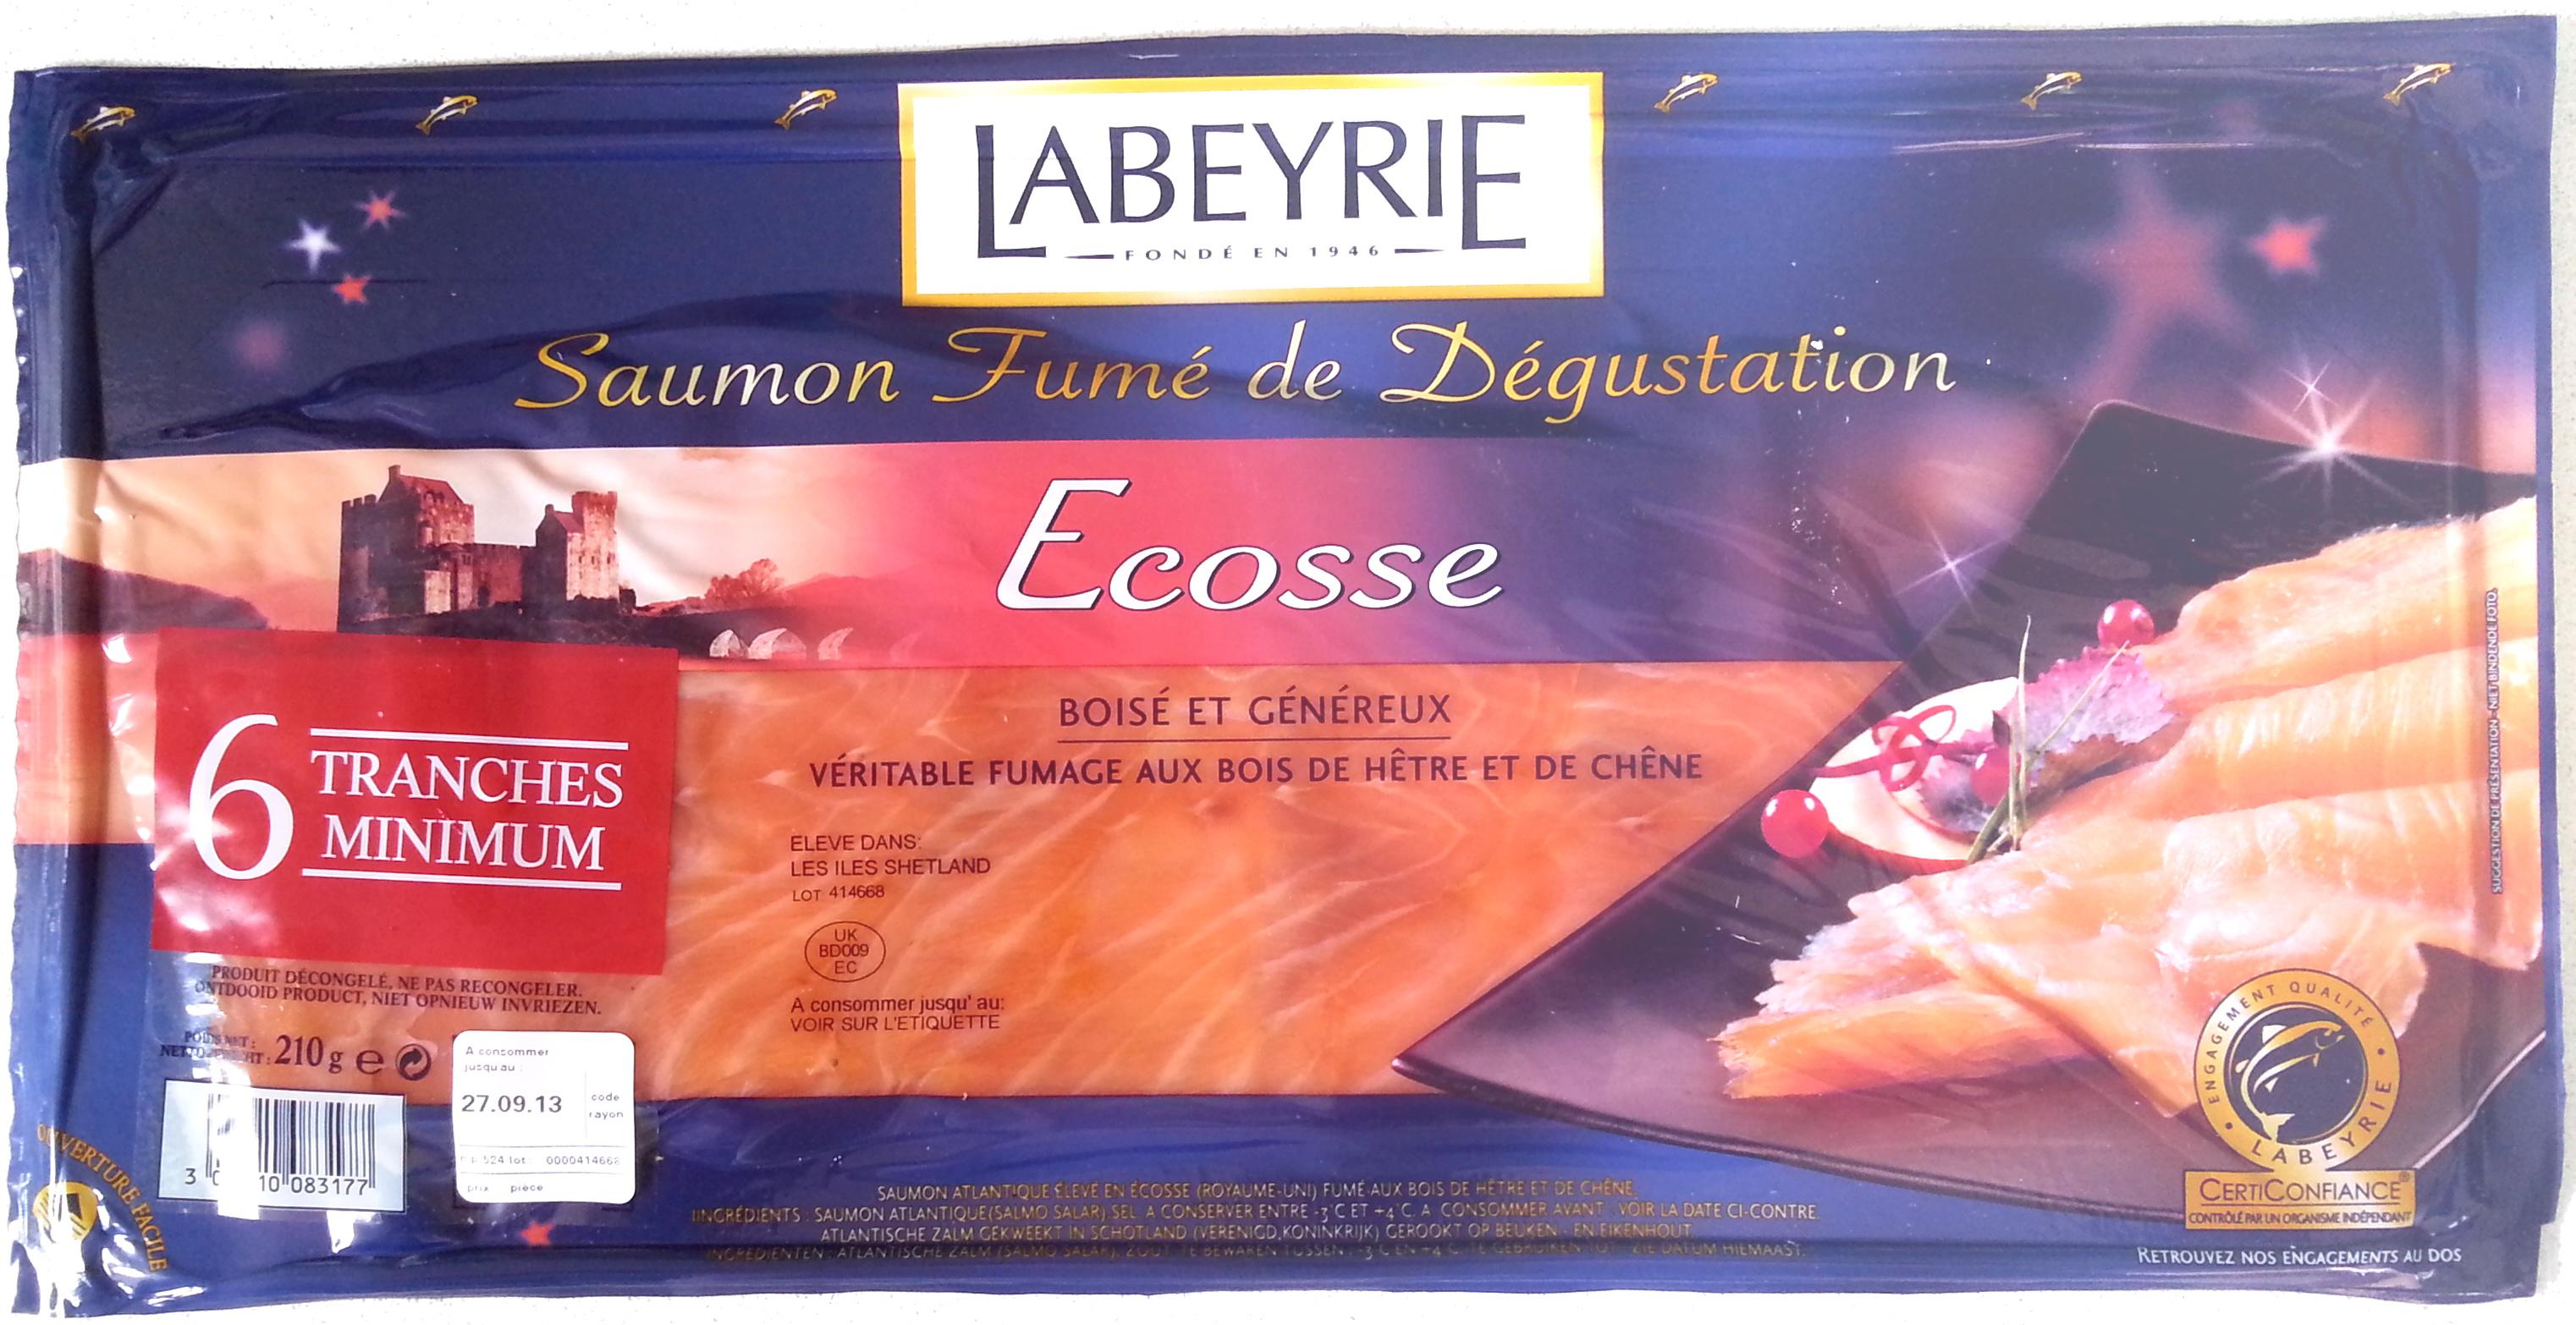 Saumon fumé de dégustation - Ecosse, boisé et généreux - Produit - fr